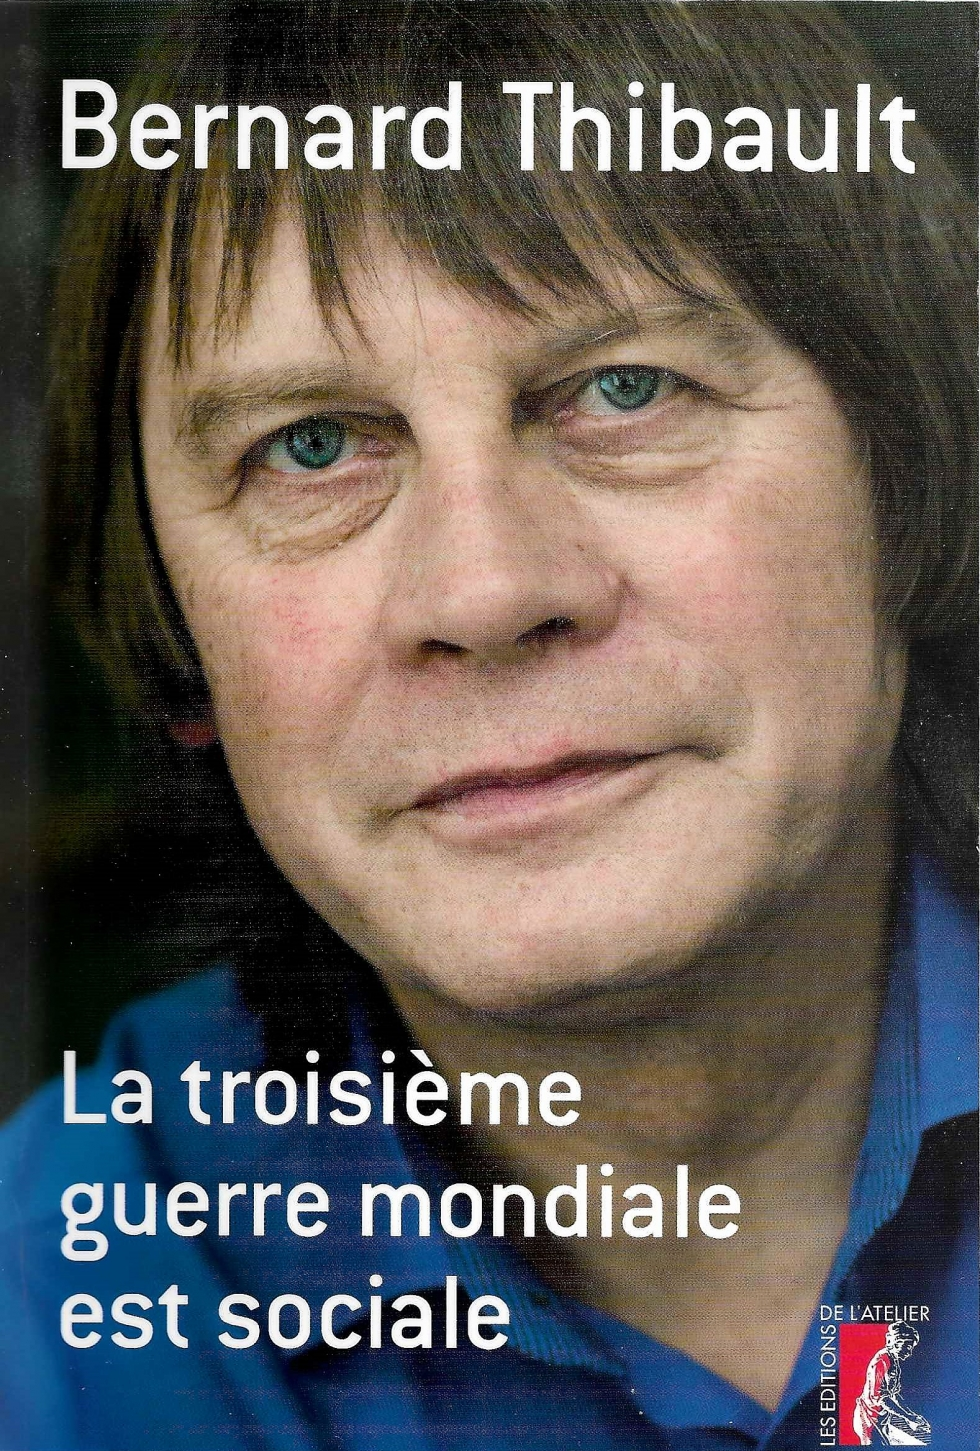 le 5 avril prochain à la «Maison du Peuple » de Sotteville les Rouen, BERNARD THIBAULT présente» LA TROISIÈME GUERRE MONDIALE EST SOCIALE»